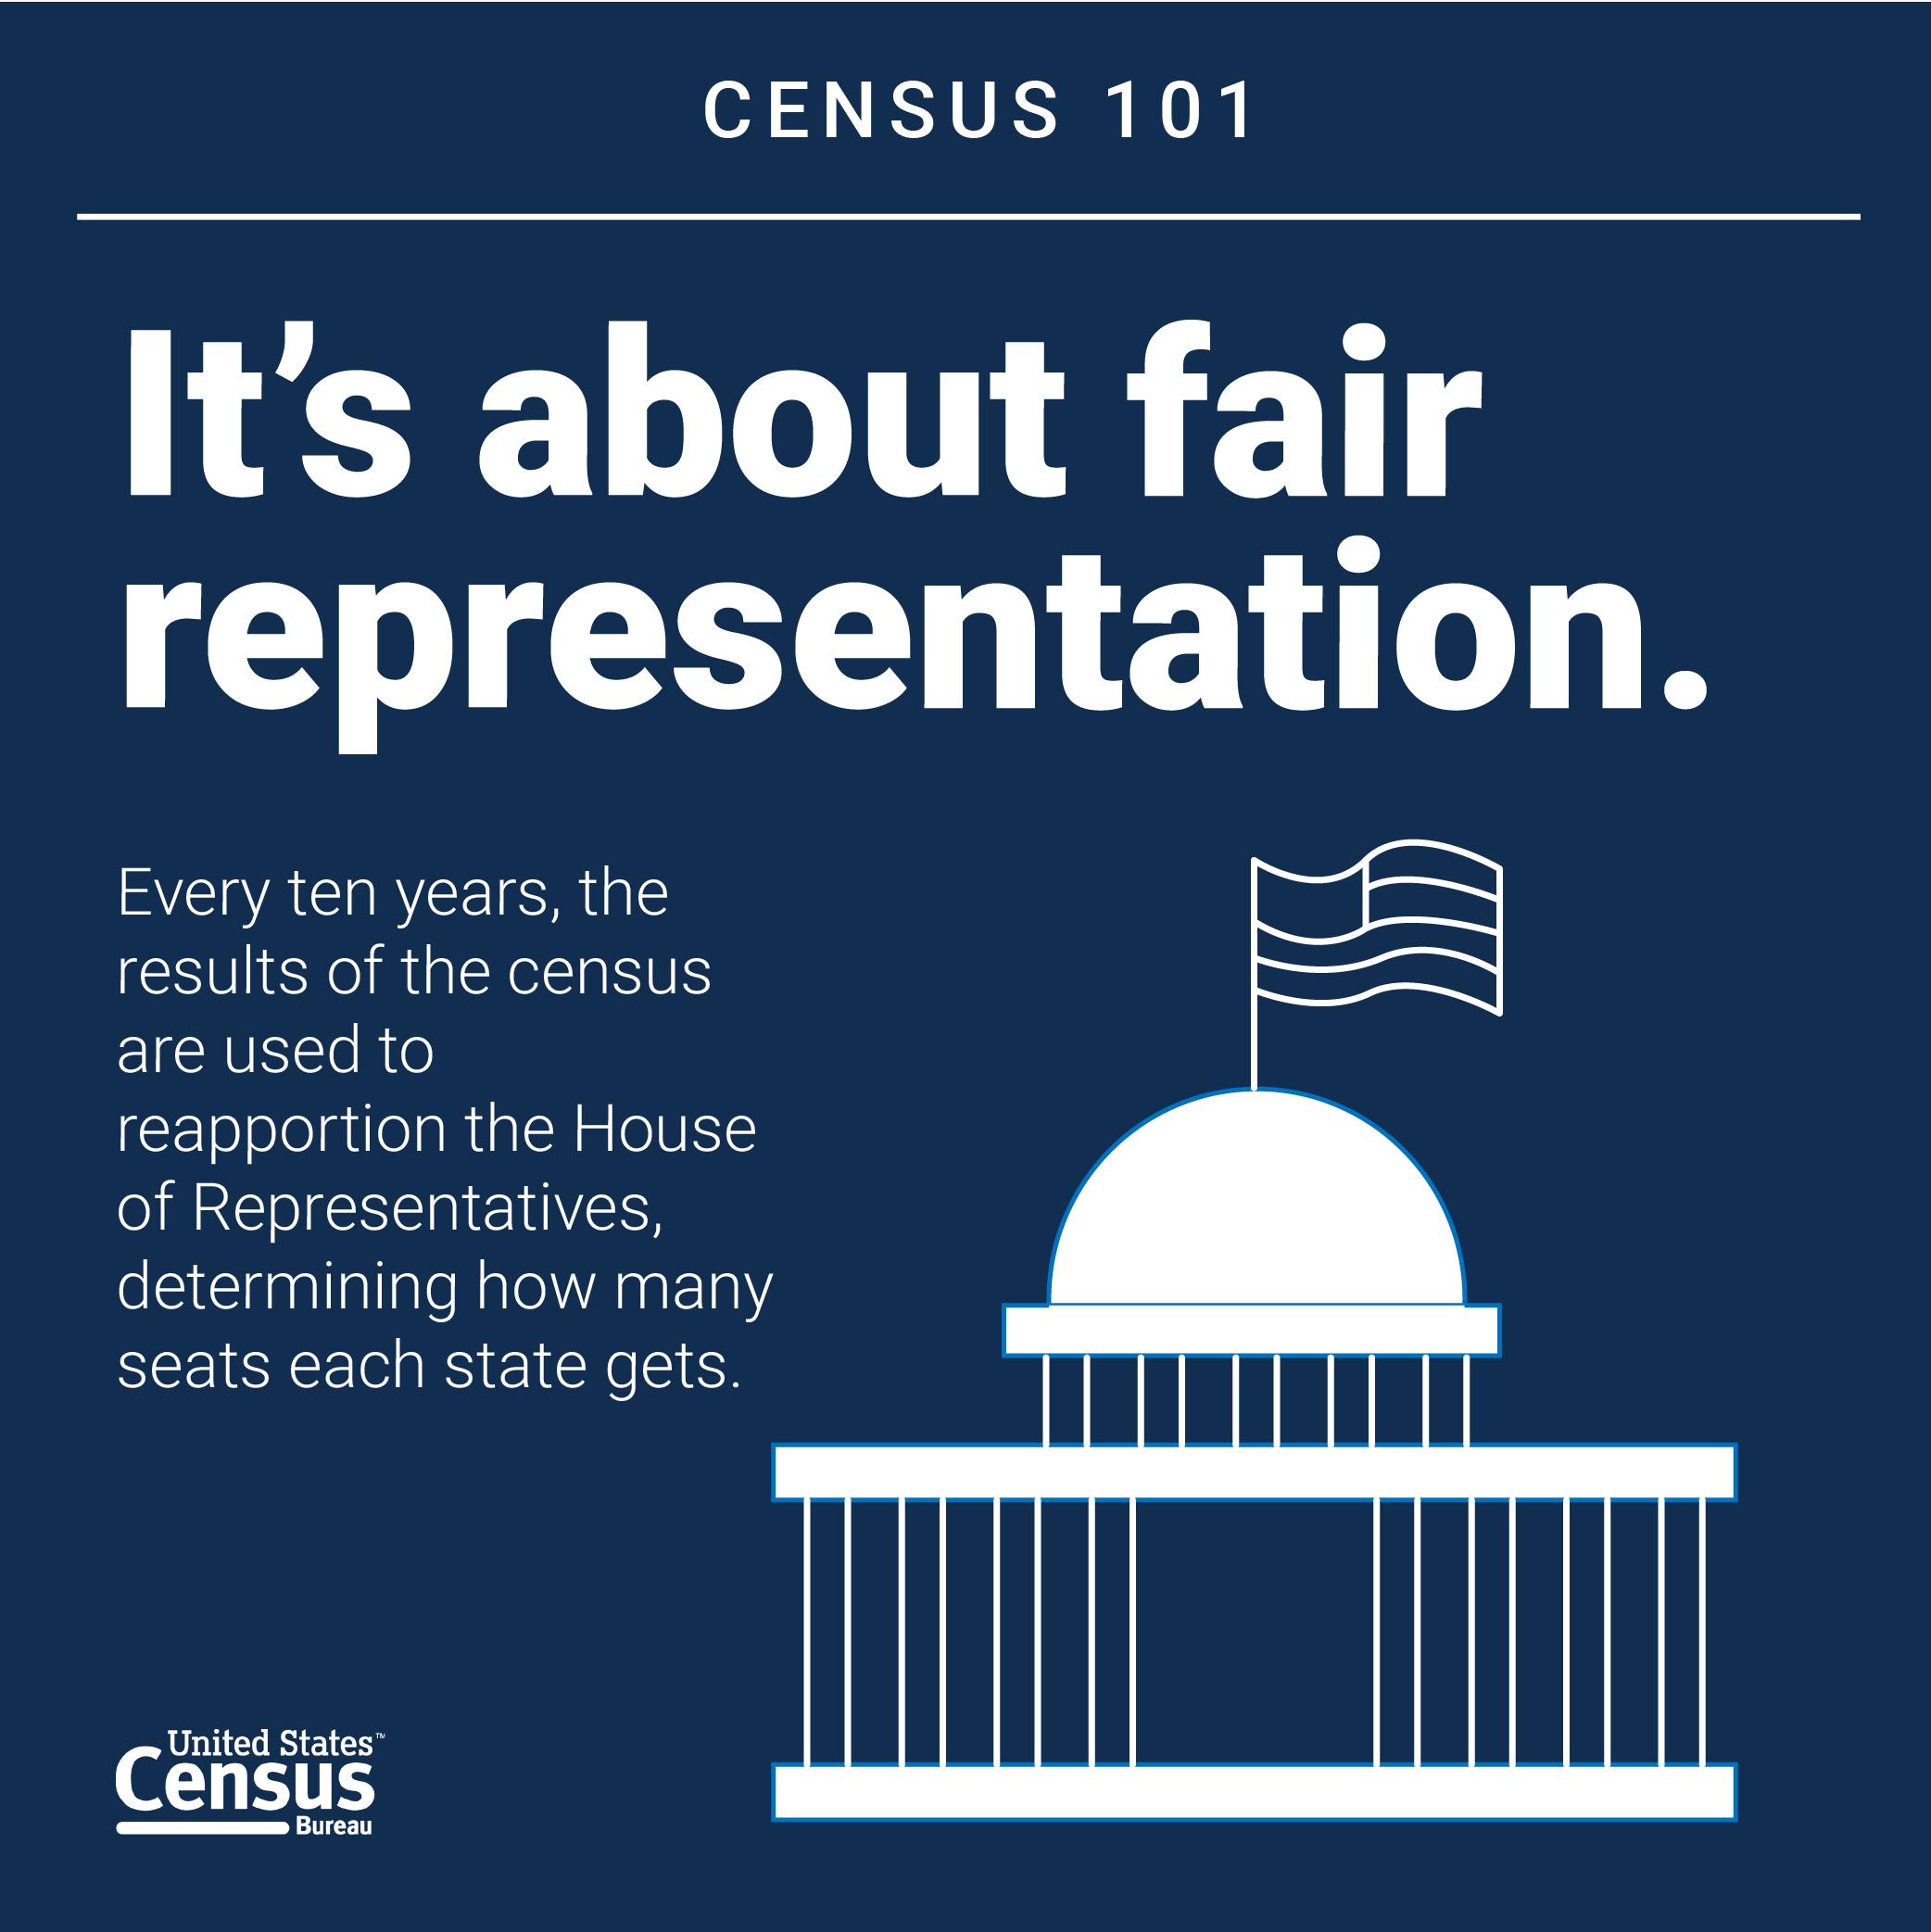 Census101_Graphics_FairRepresentation.png